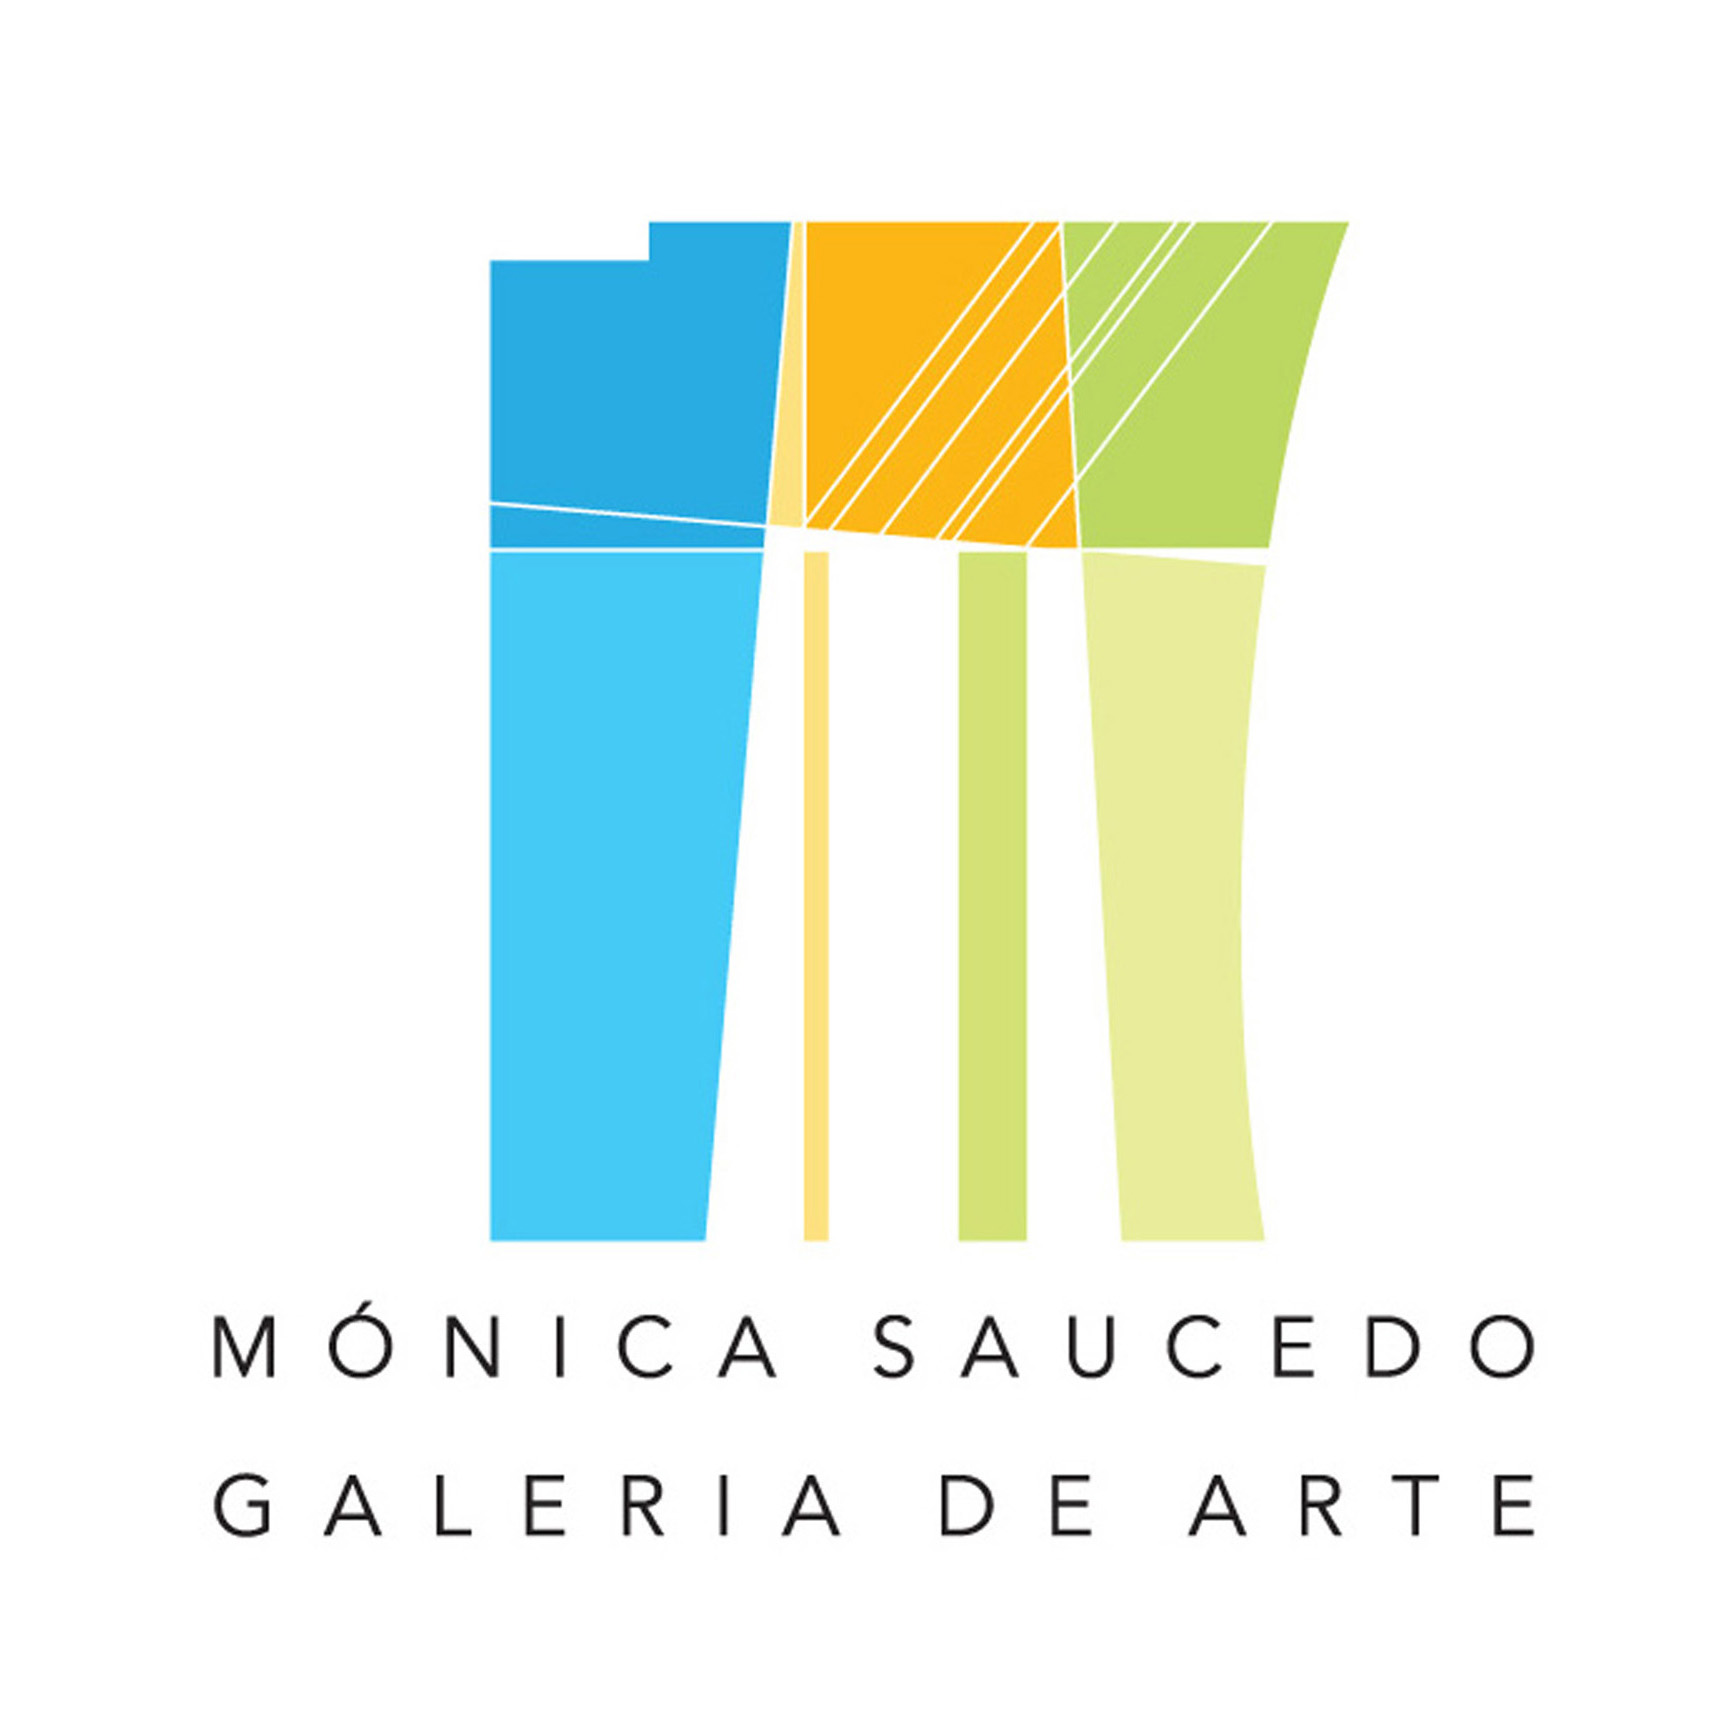 Galería Mónica Saucedo